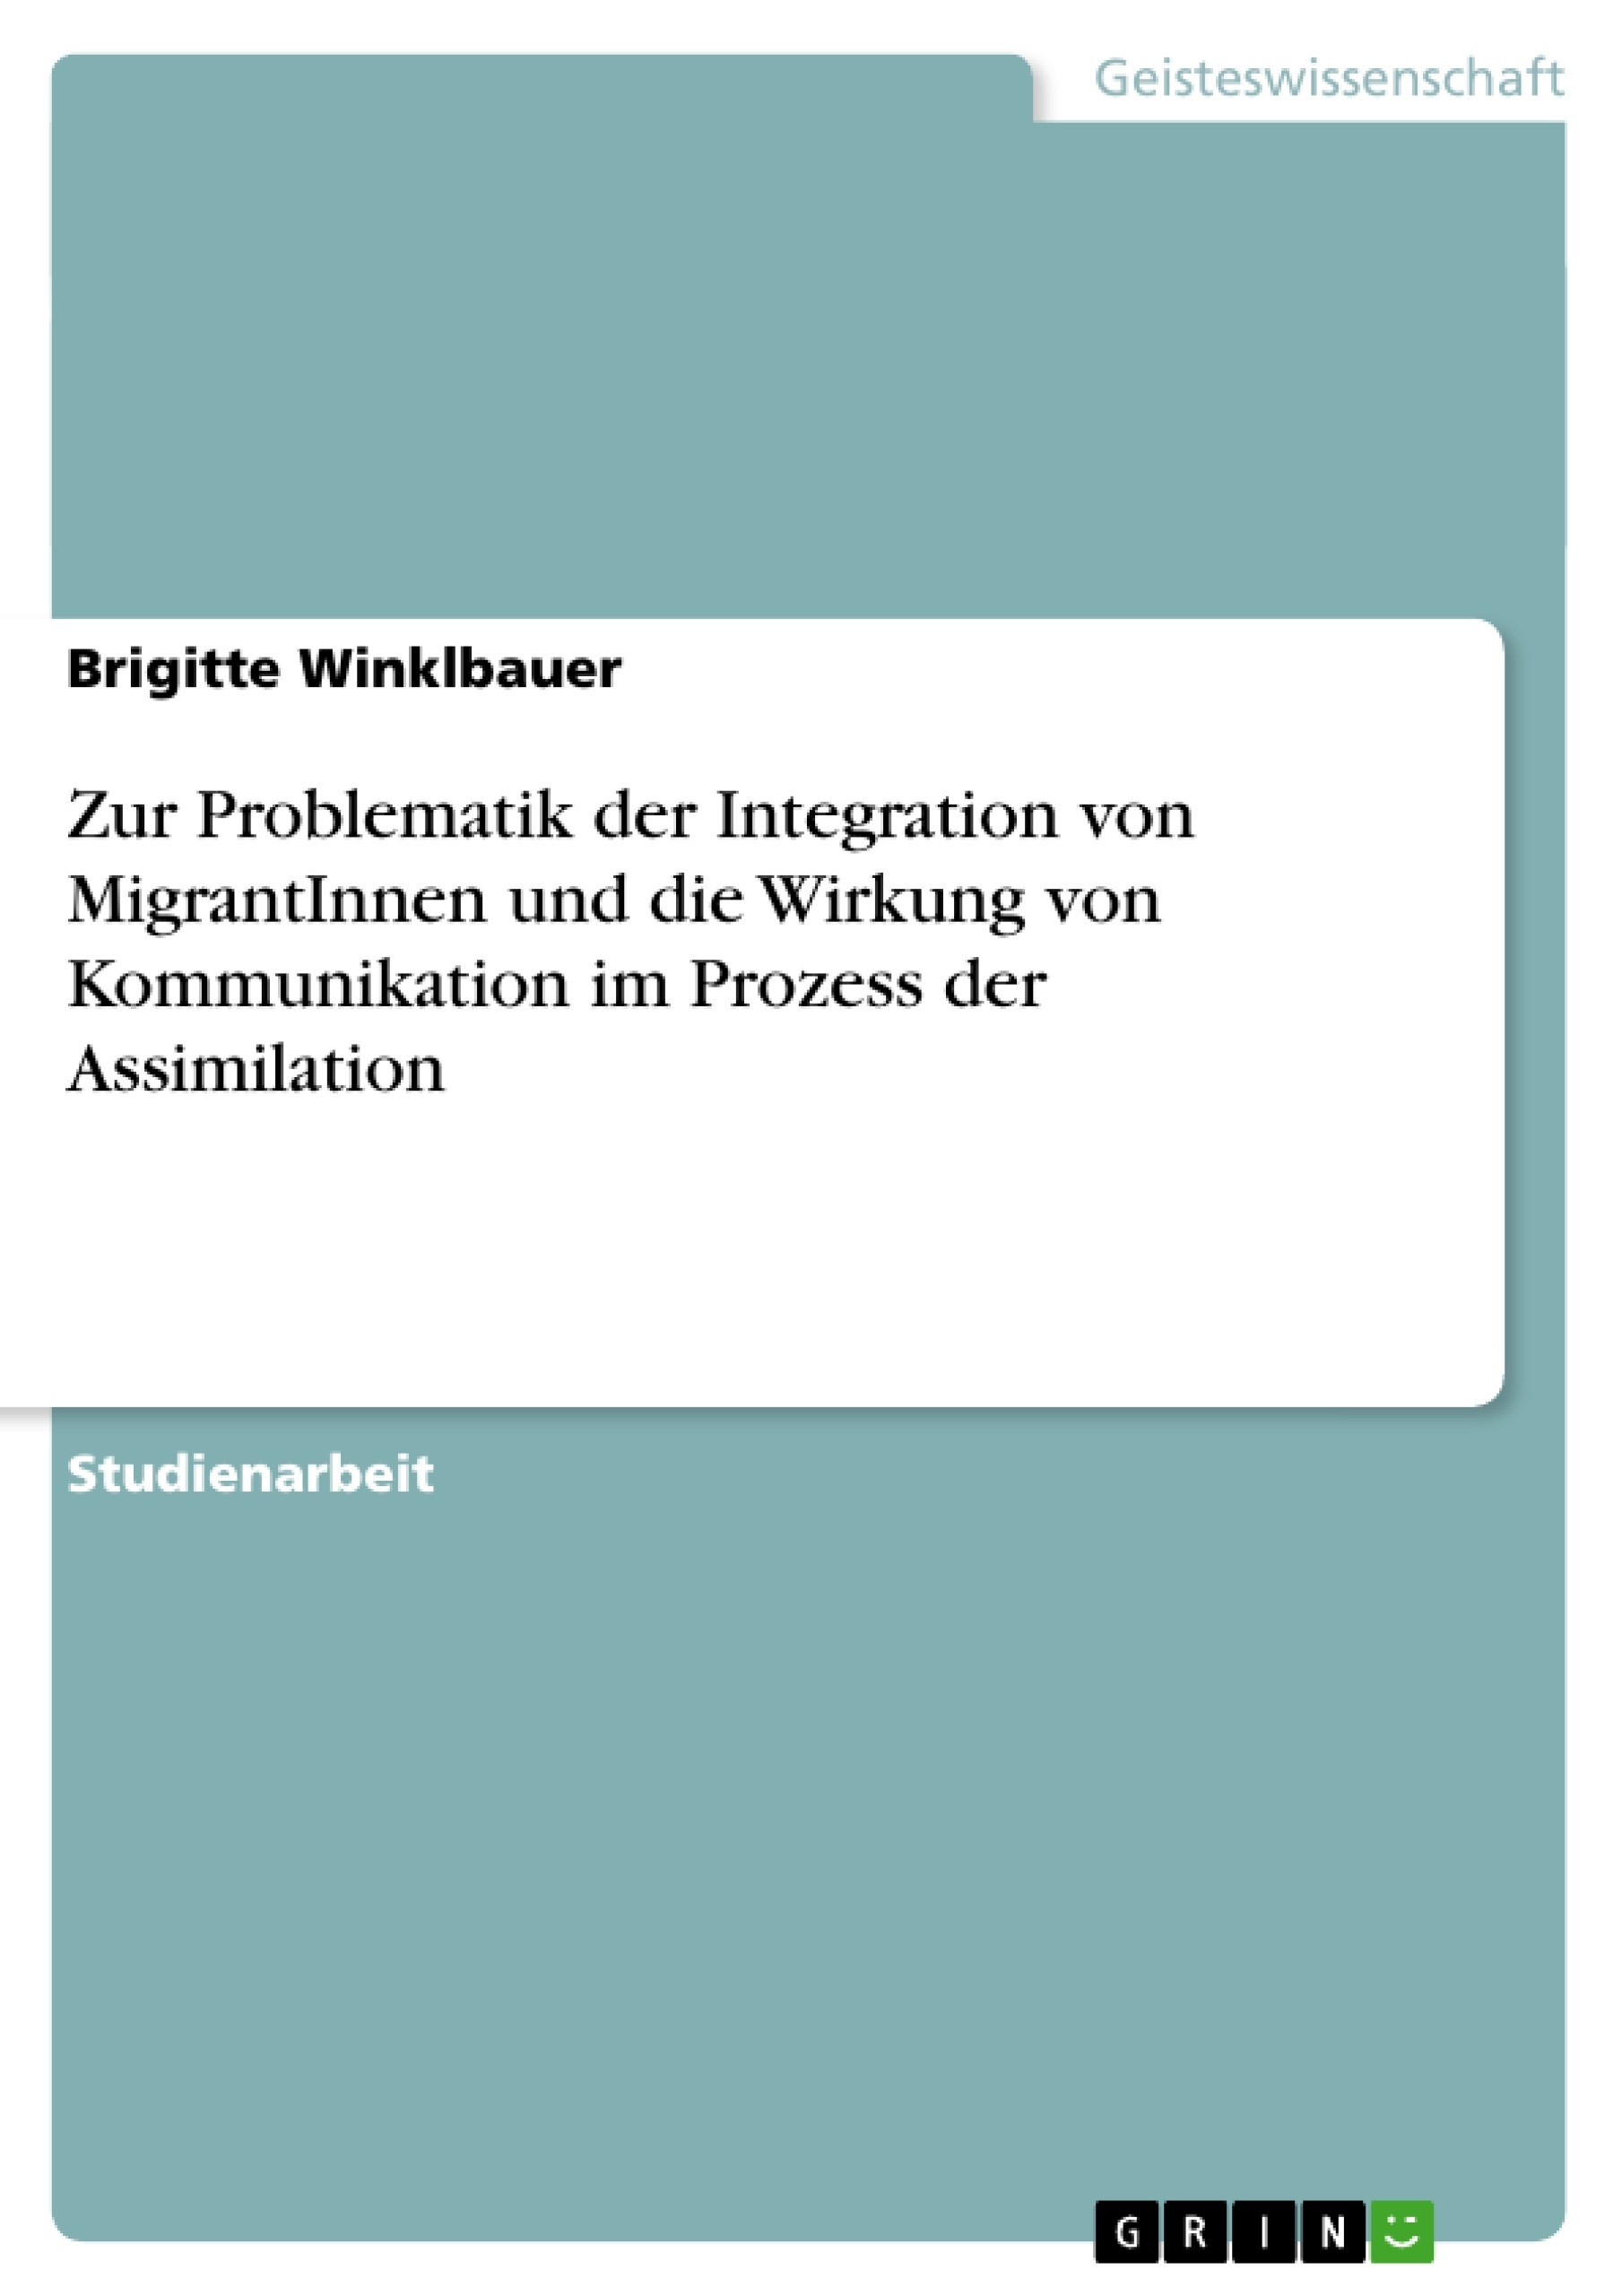 Titel: Zur Problematik der Integration von MigrantInnen und die Wirkung von Kommunikation im Prozess der Assimilation